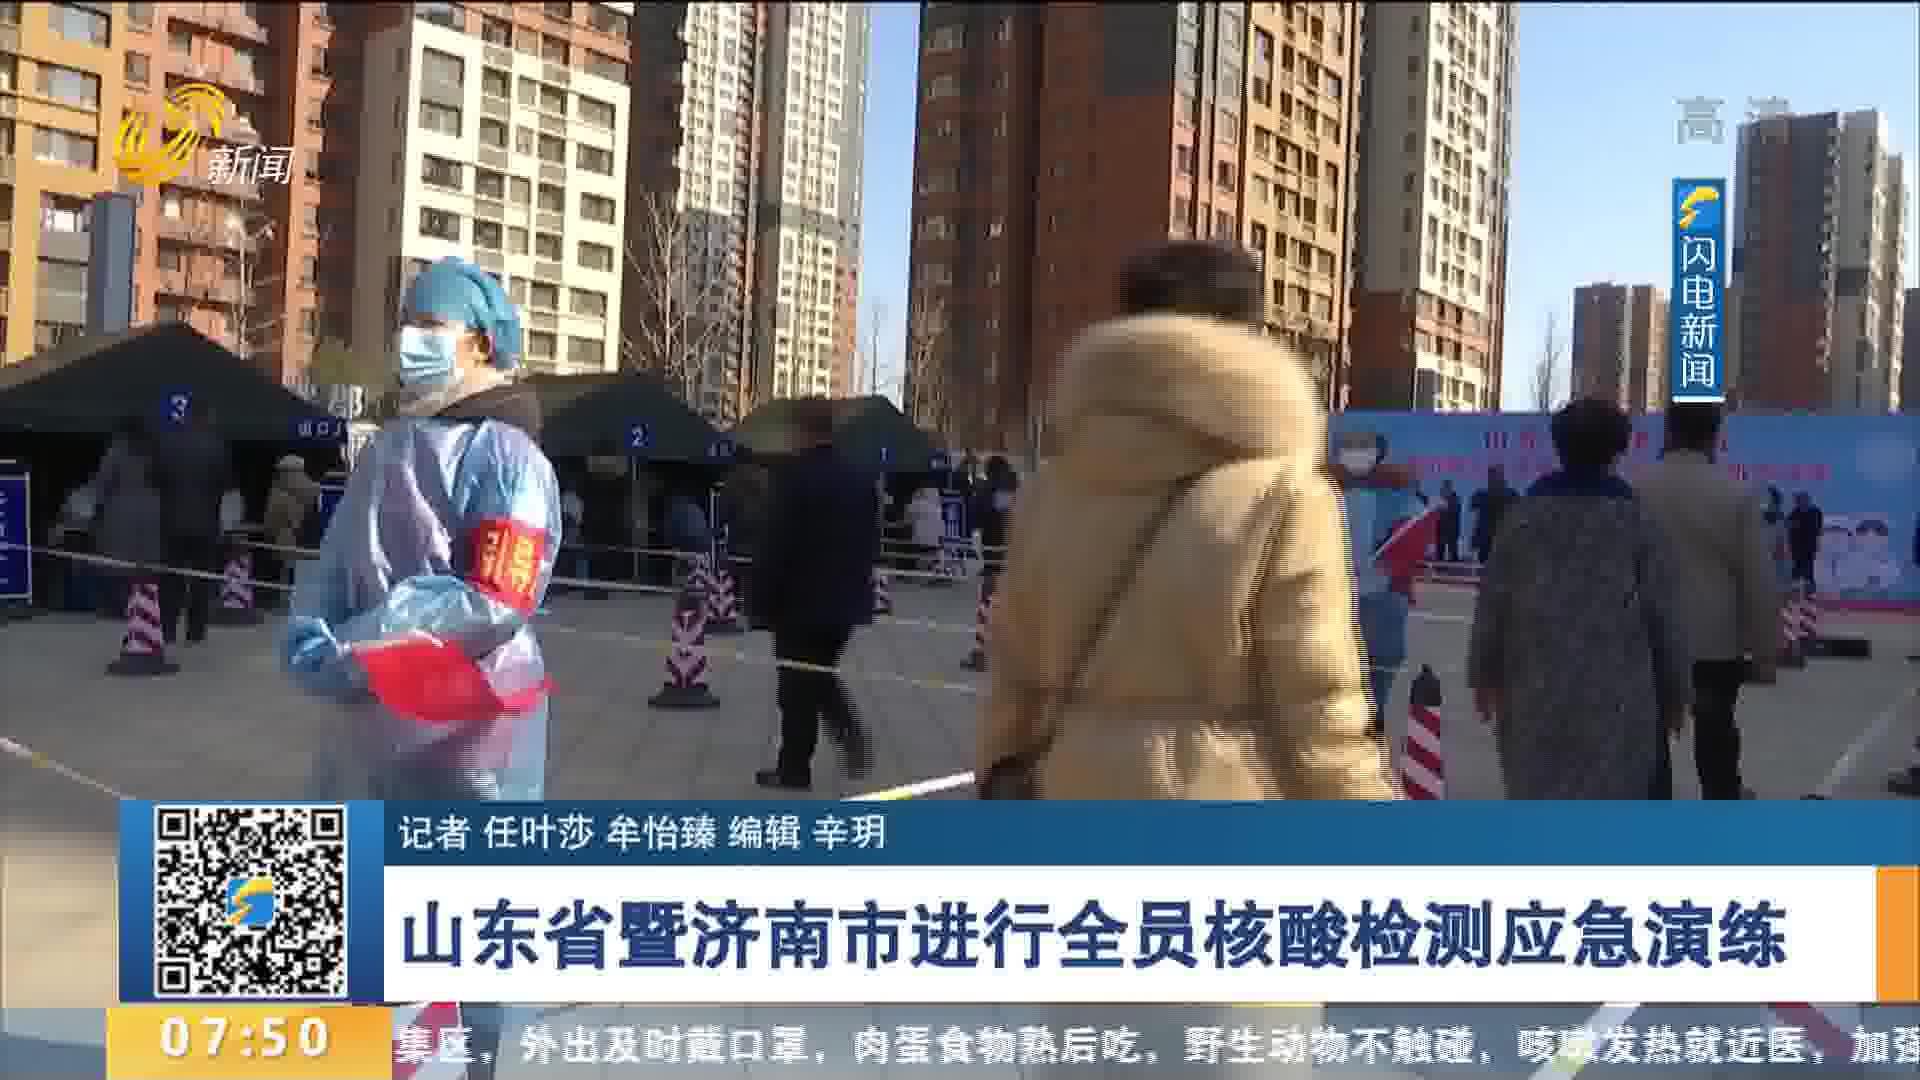 山东省暨济南市进行全员核酸检测应急演练